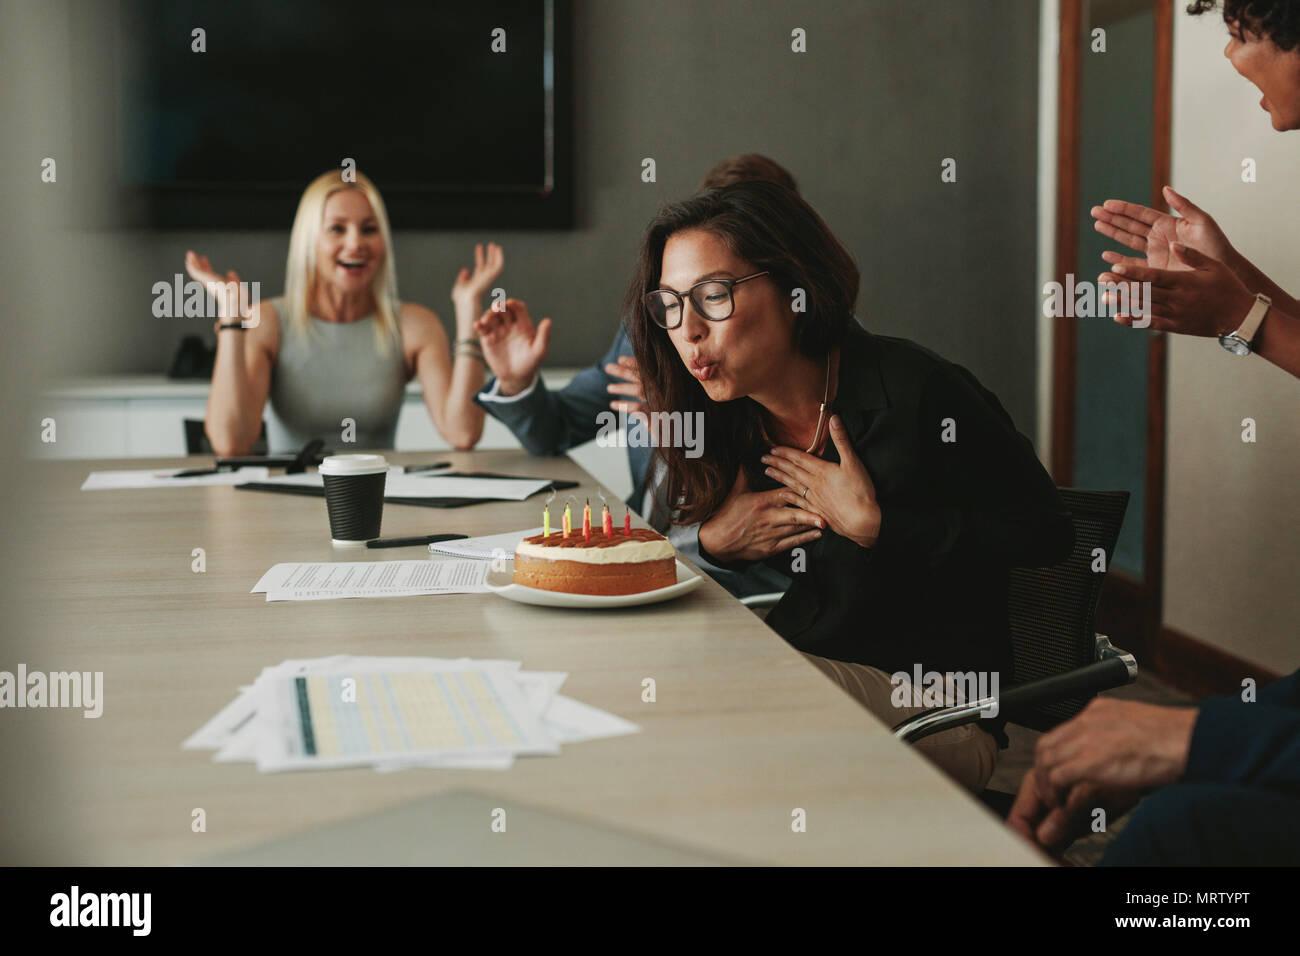 La empresaria soplando las velas en una tarta de cumpleaños en la oficina. Mujeres asiáticas asociar celebrando su cumpleaños con sus colegas en la oficina. Foto de stock